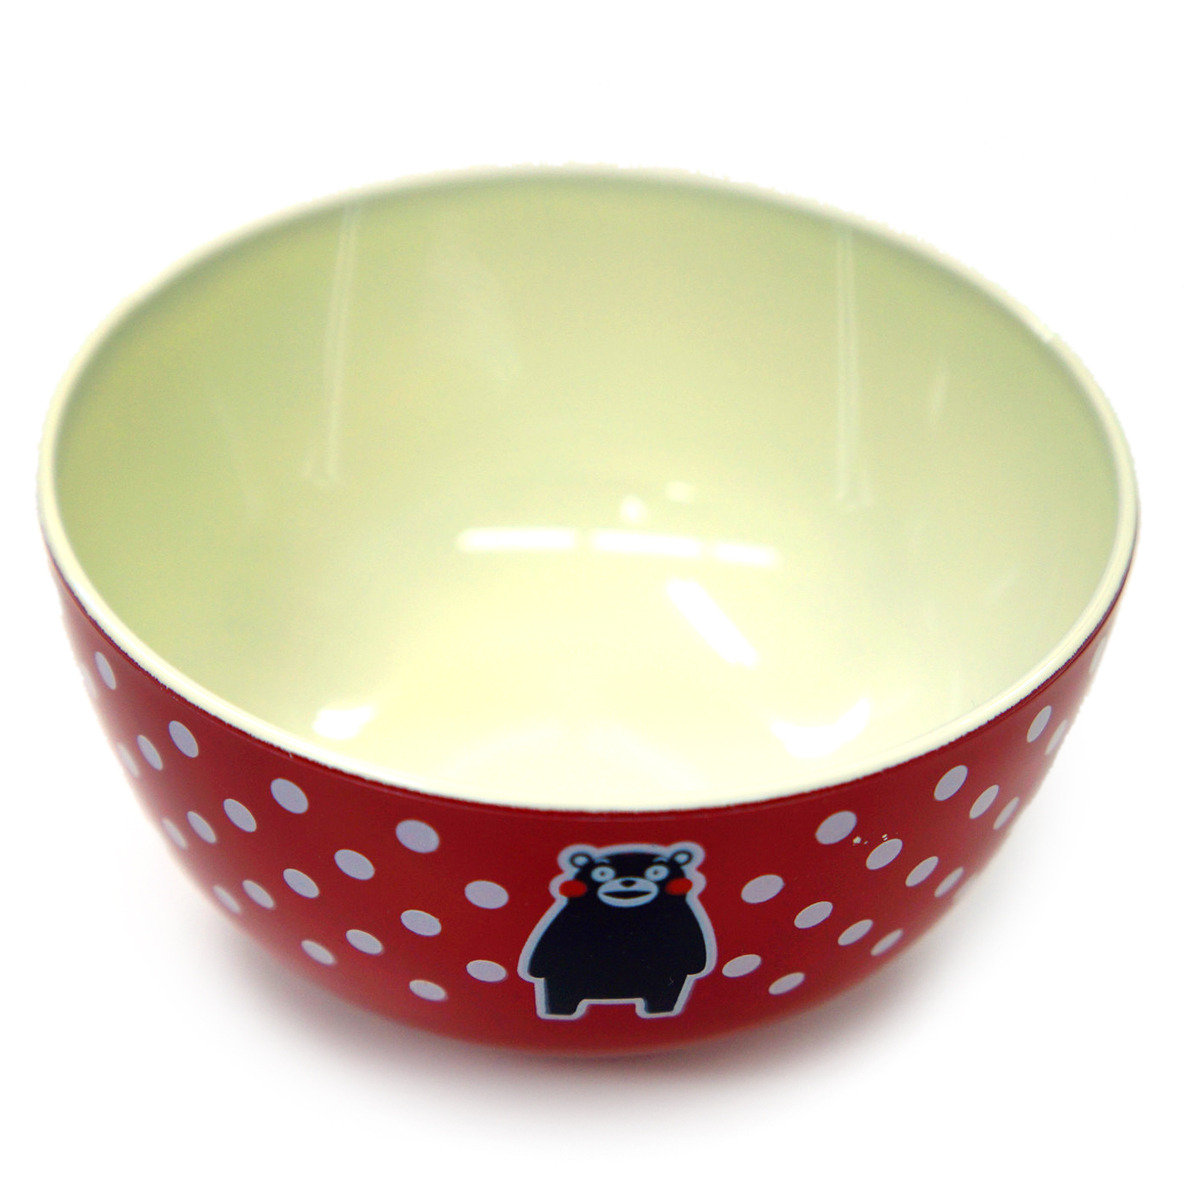 KUMAMON 飯碗 (紅)